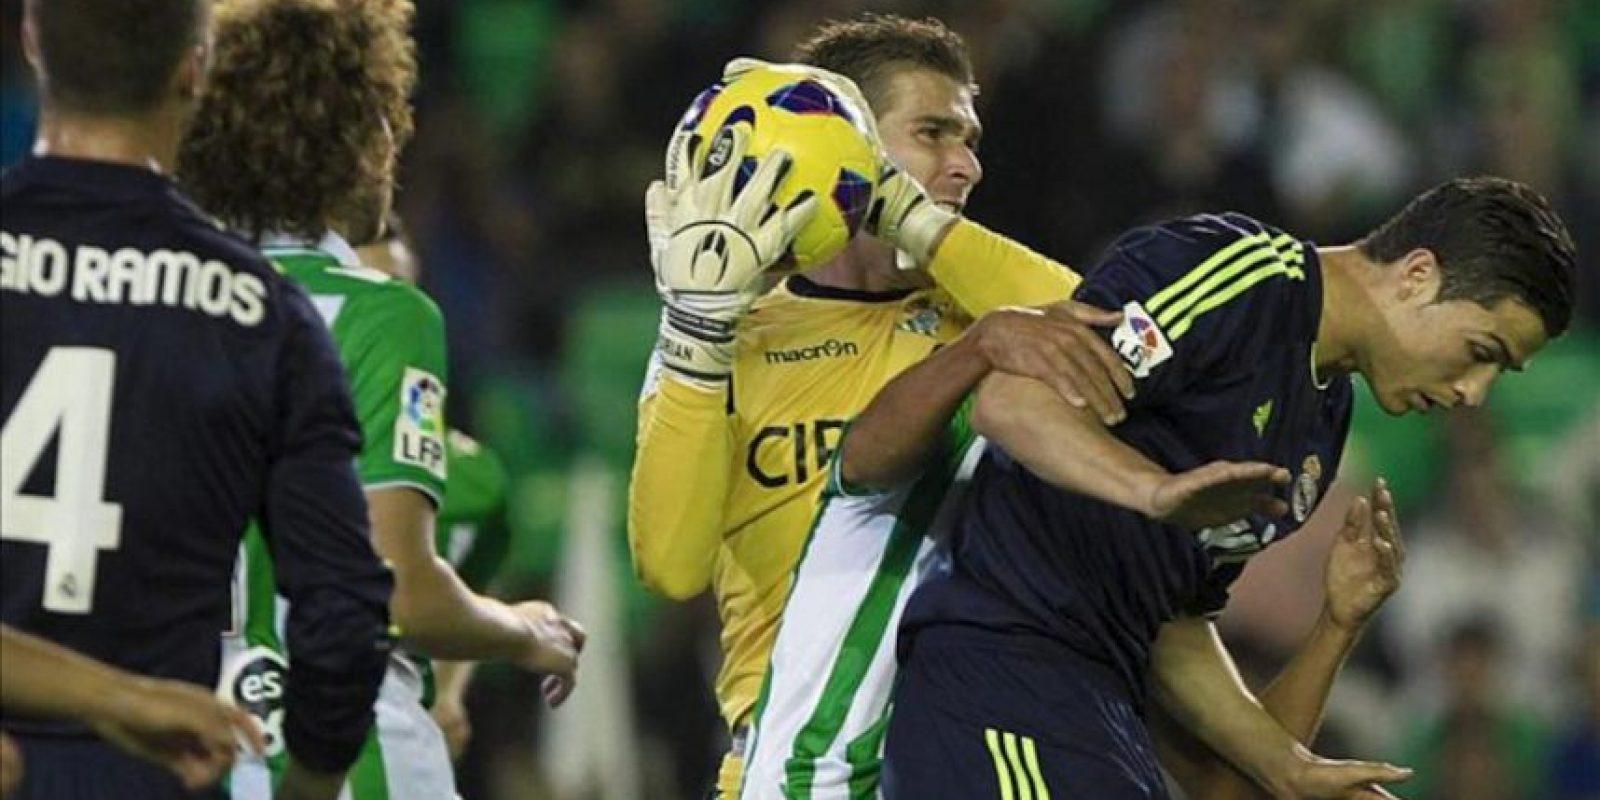 El portero del Betis, Adrián San Miguel (2d), atrapa la pelota en presencia del delantero portugués del Real Madrid, Cristiano Ronaldo (d), en el partido correspondiente a la decimotercera jornada de la Liga de Primera División en el estadio Benito Villamarín. EFE